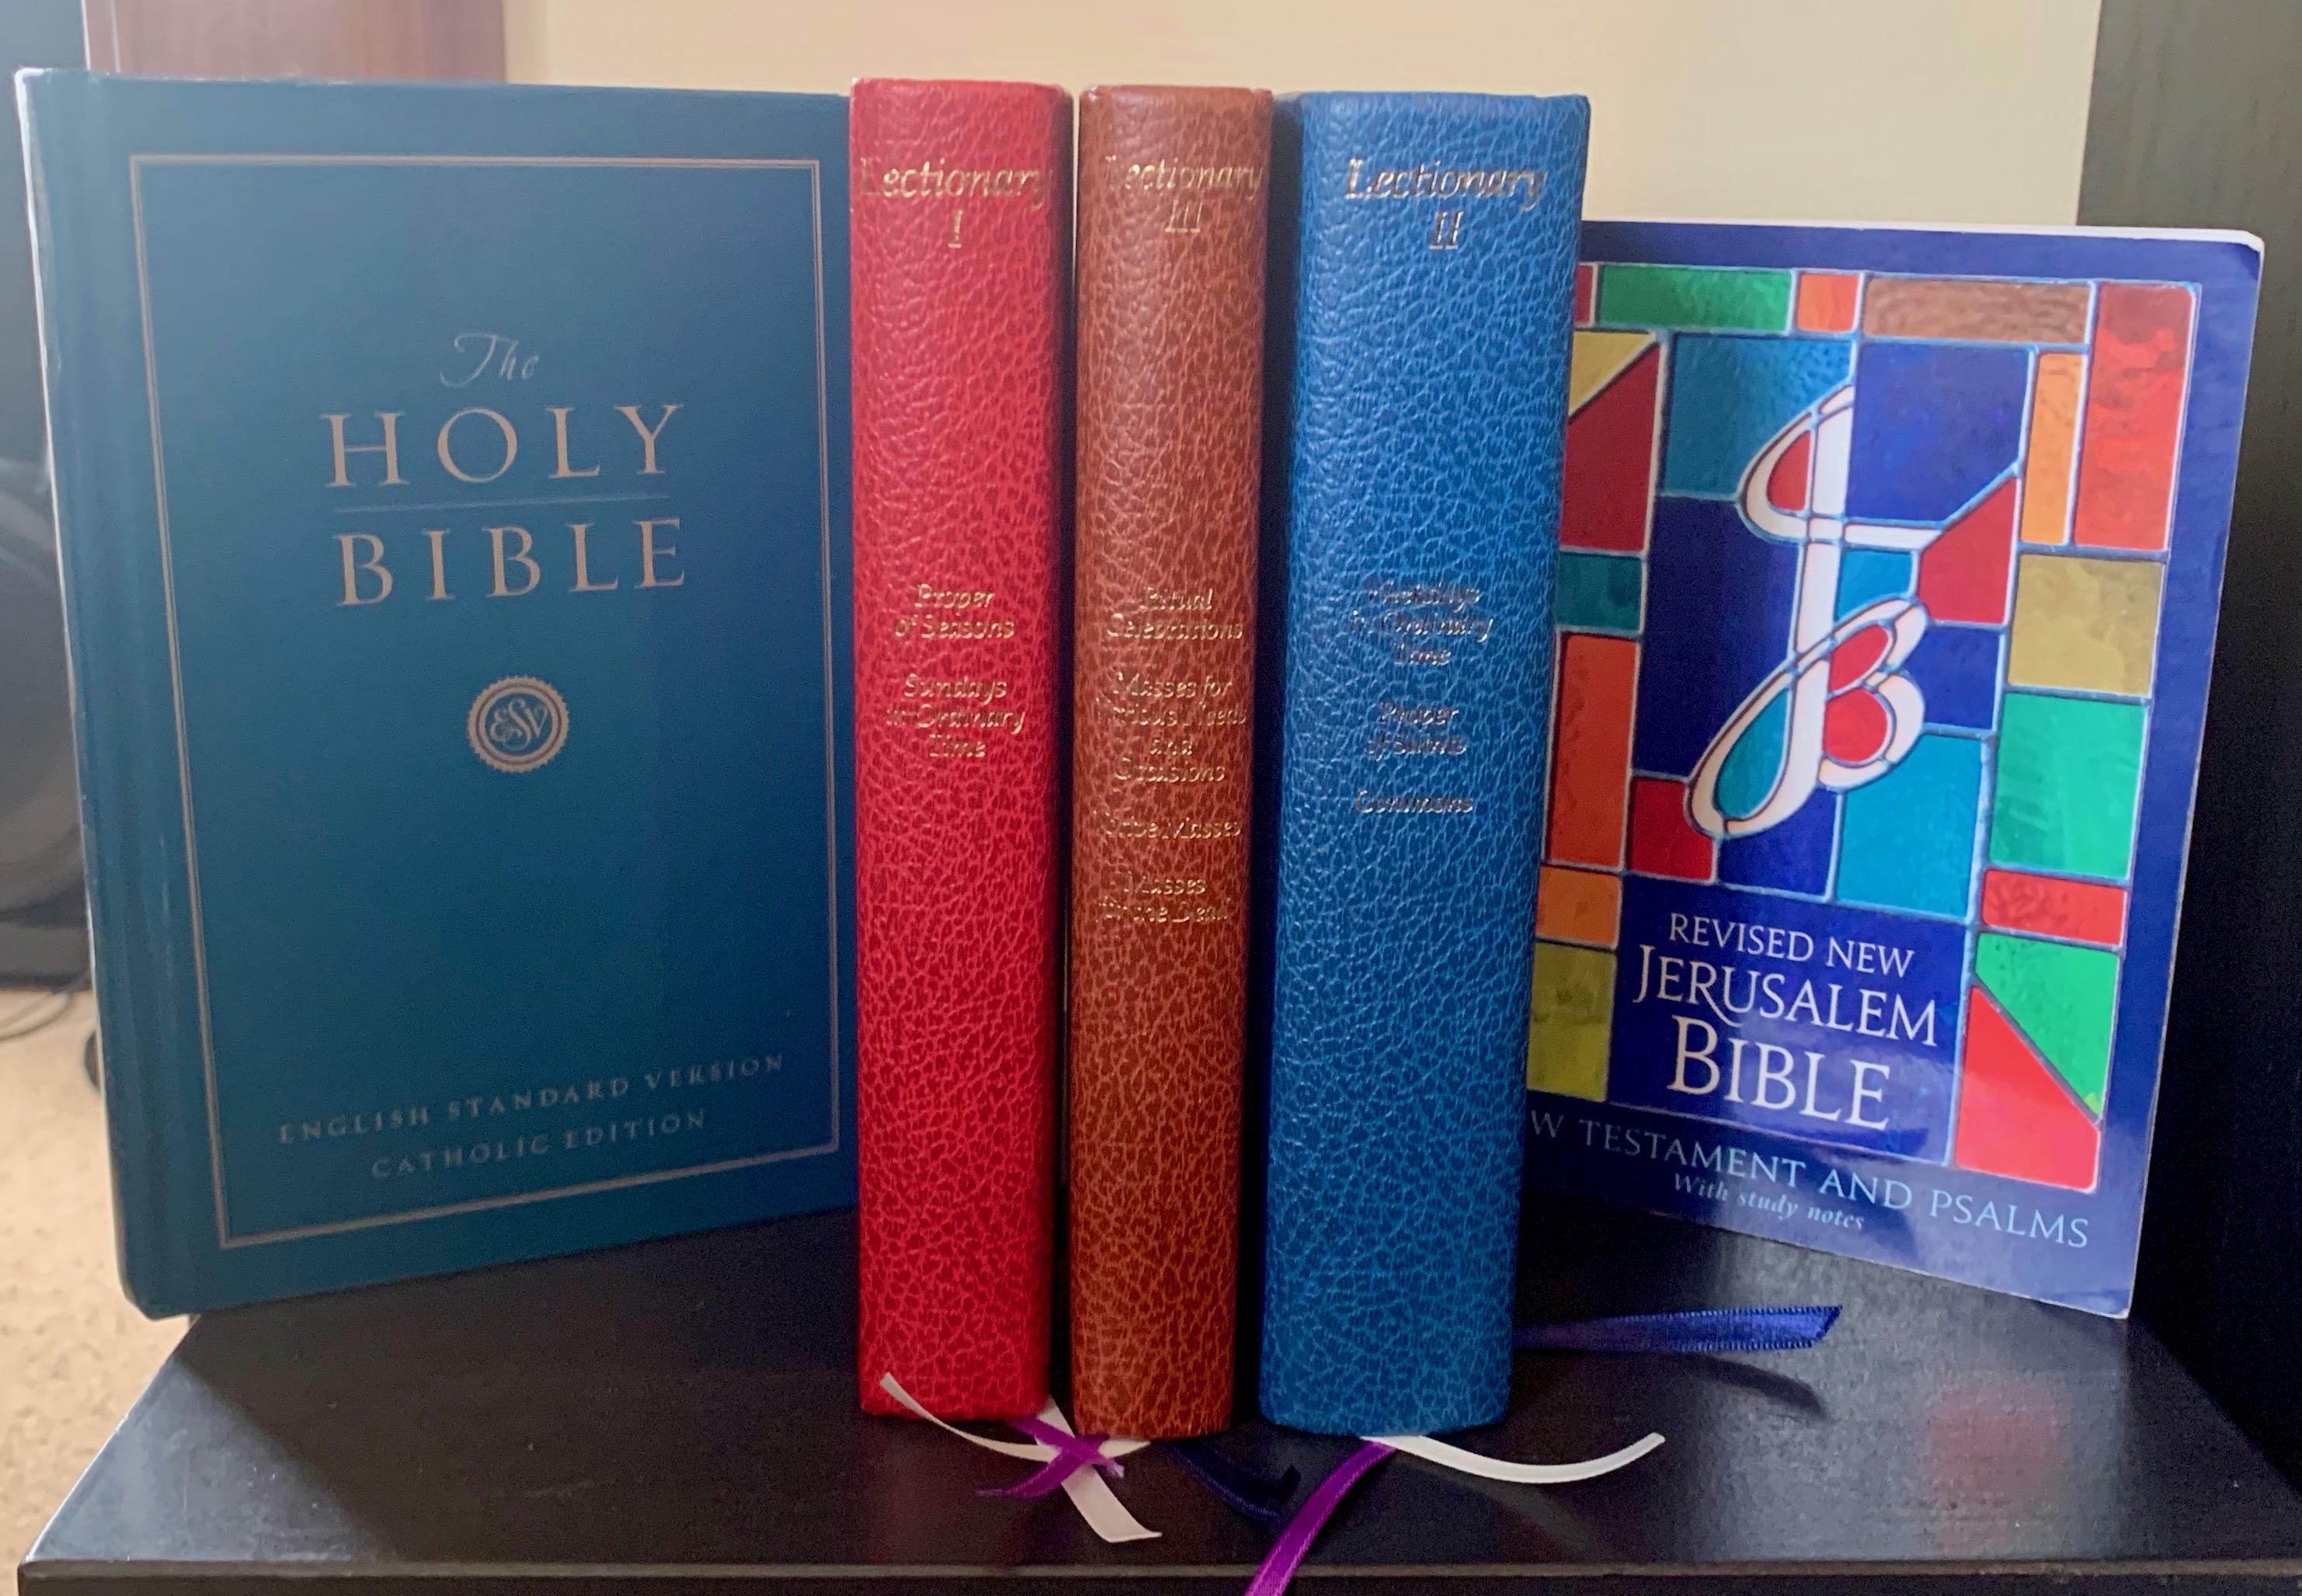 RNJB versus ESV - PrayTellBlog